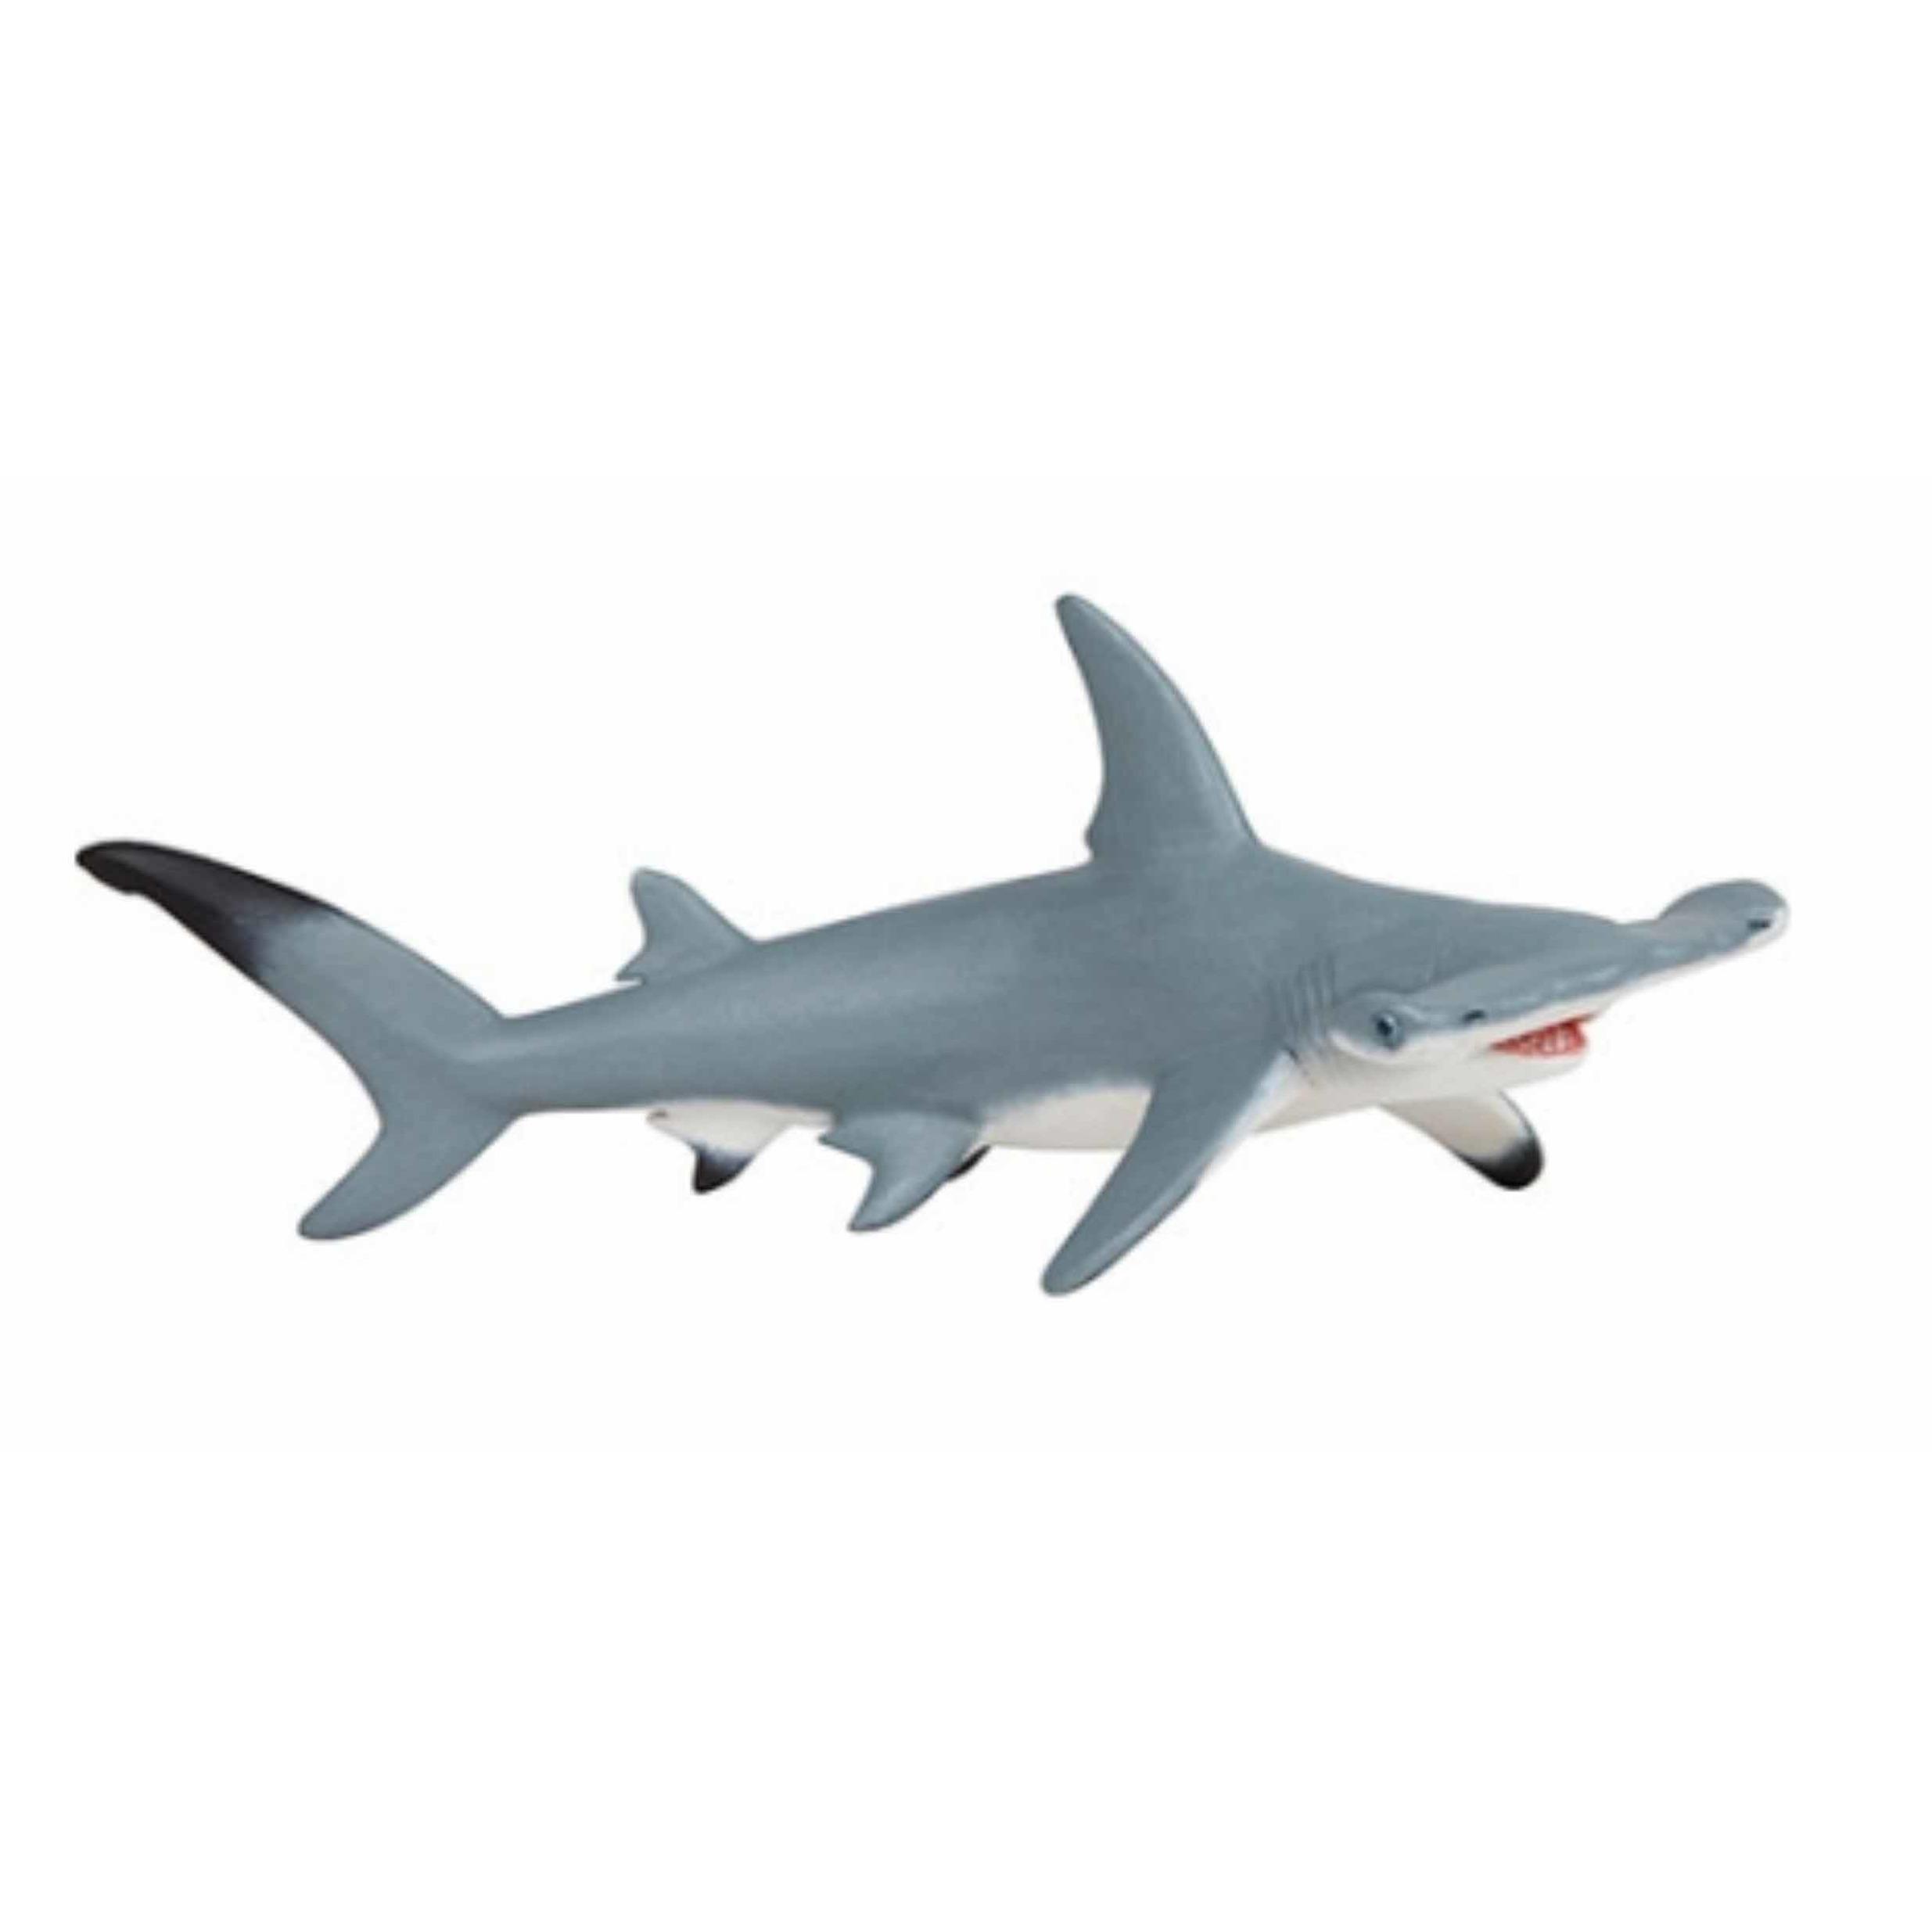 Plastic speelgoed figuur hamer haai 17 cm